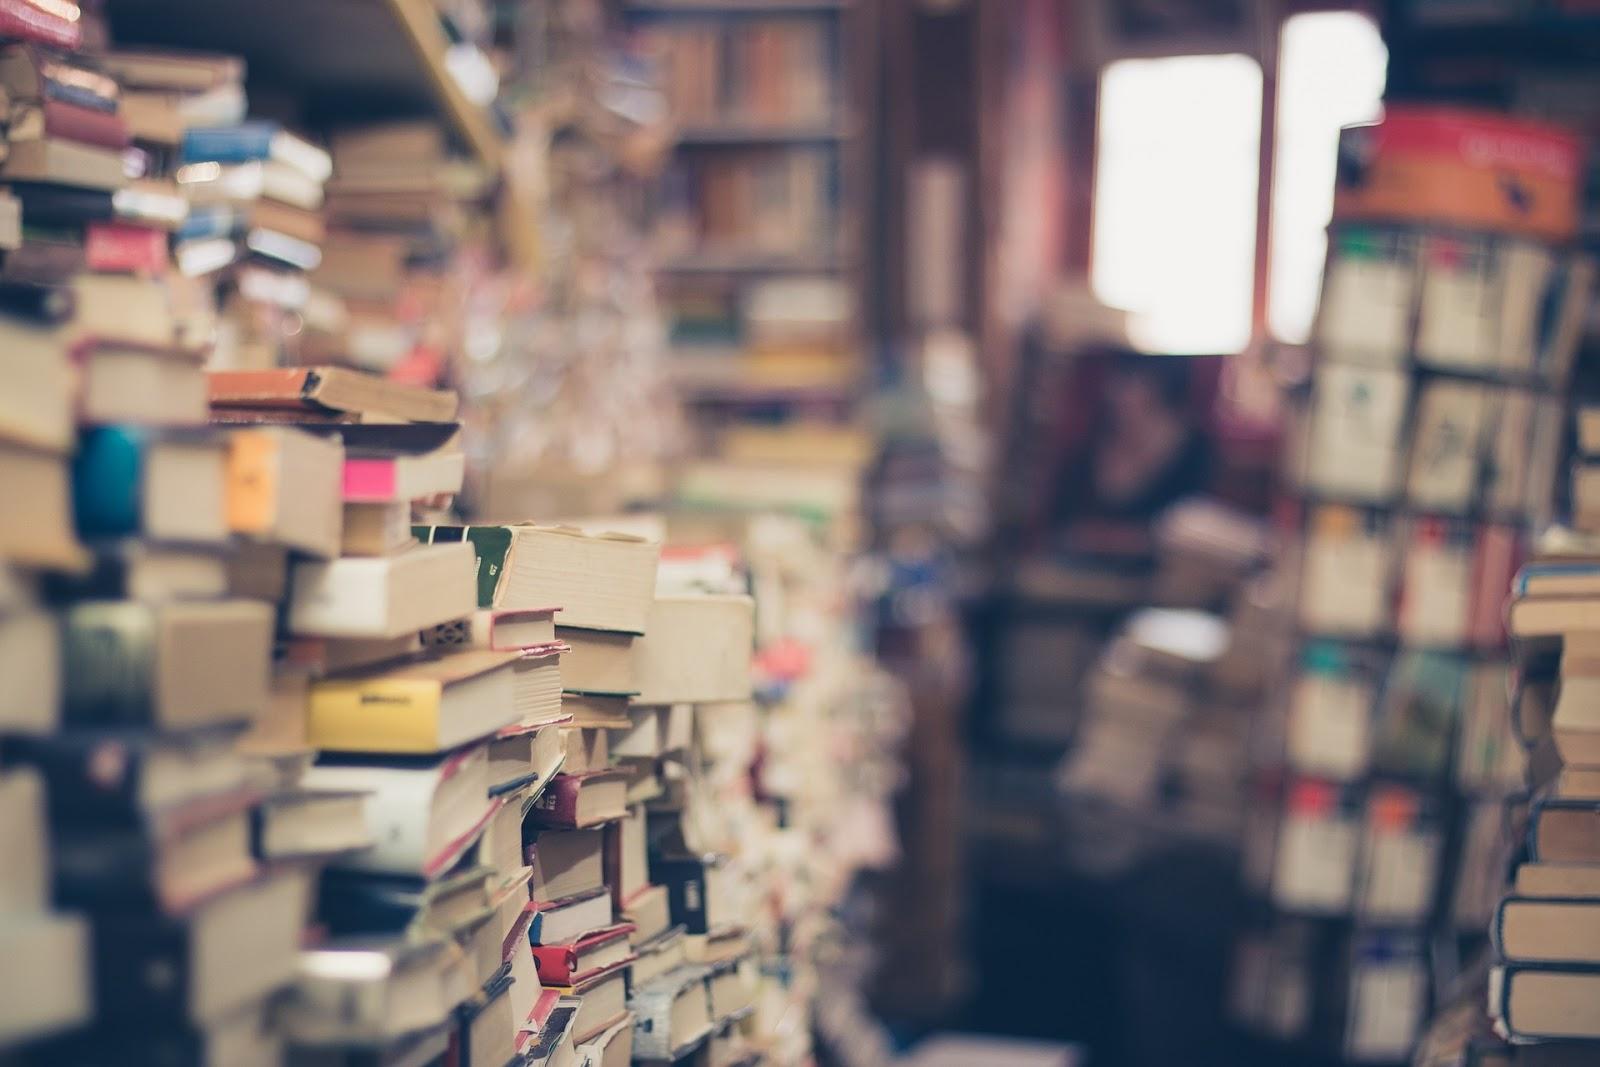 ab4ca-books-1163695_1920